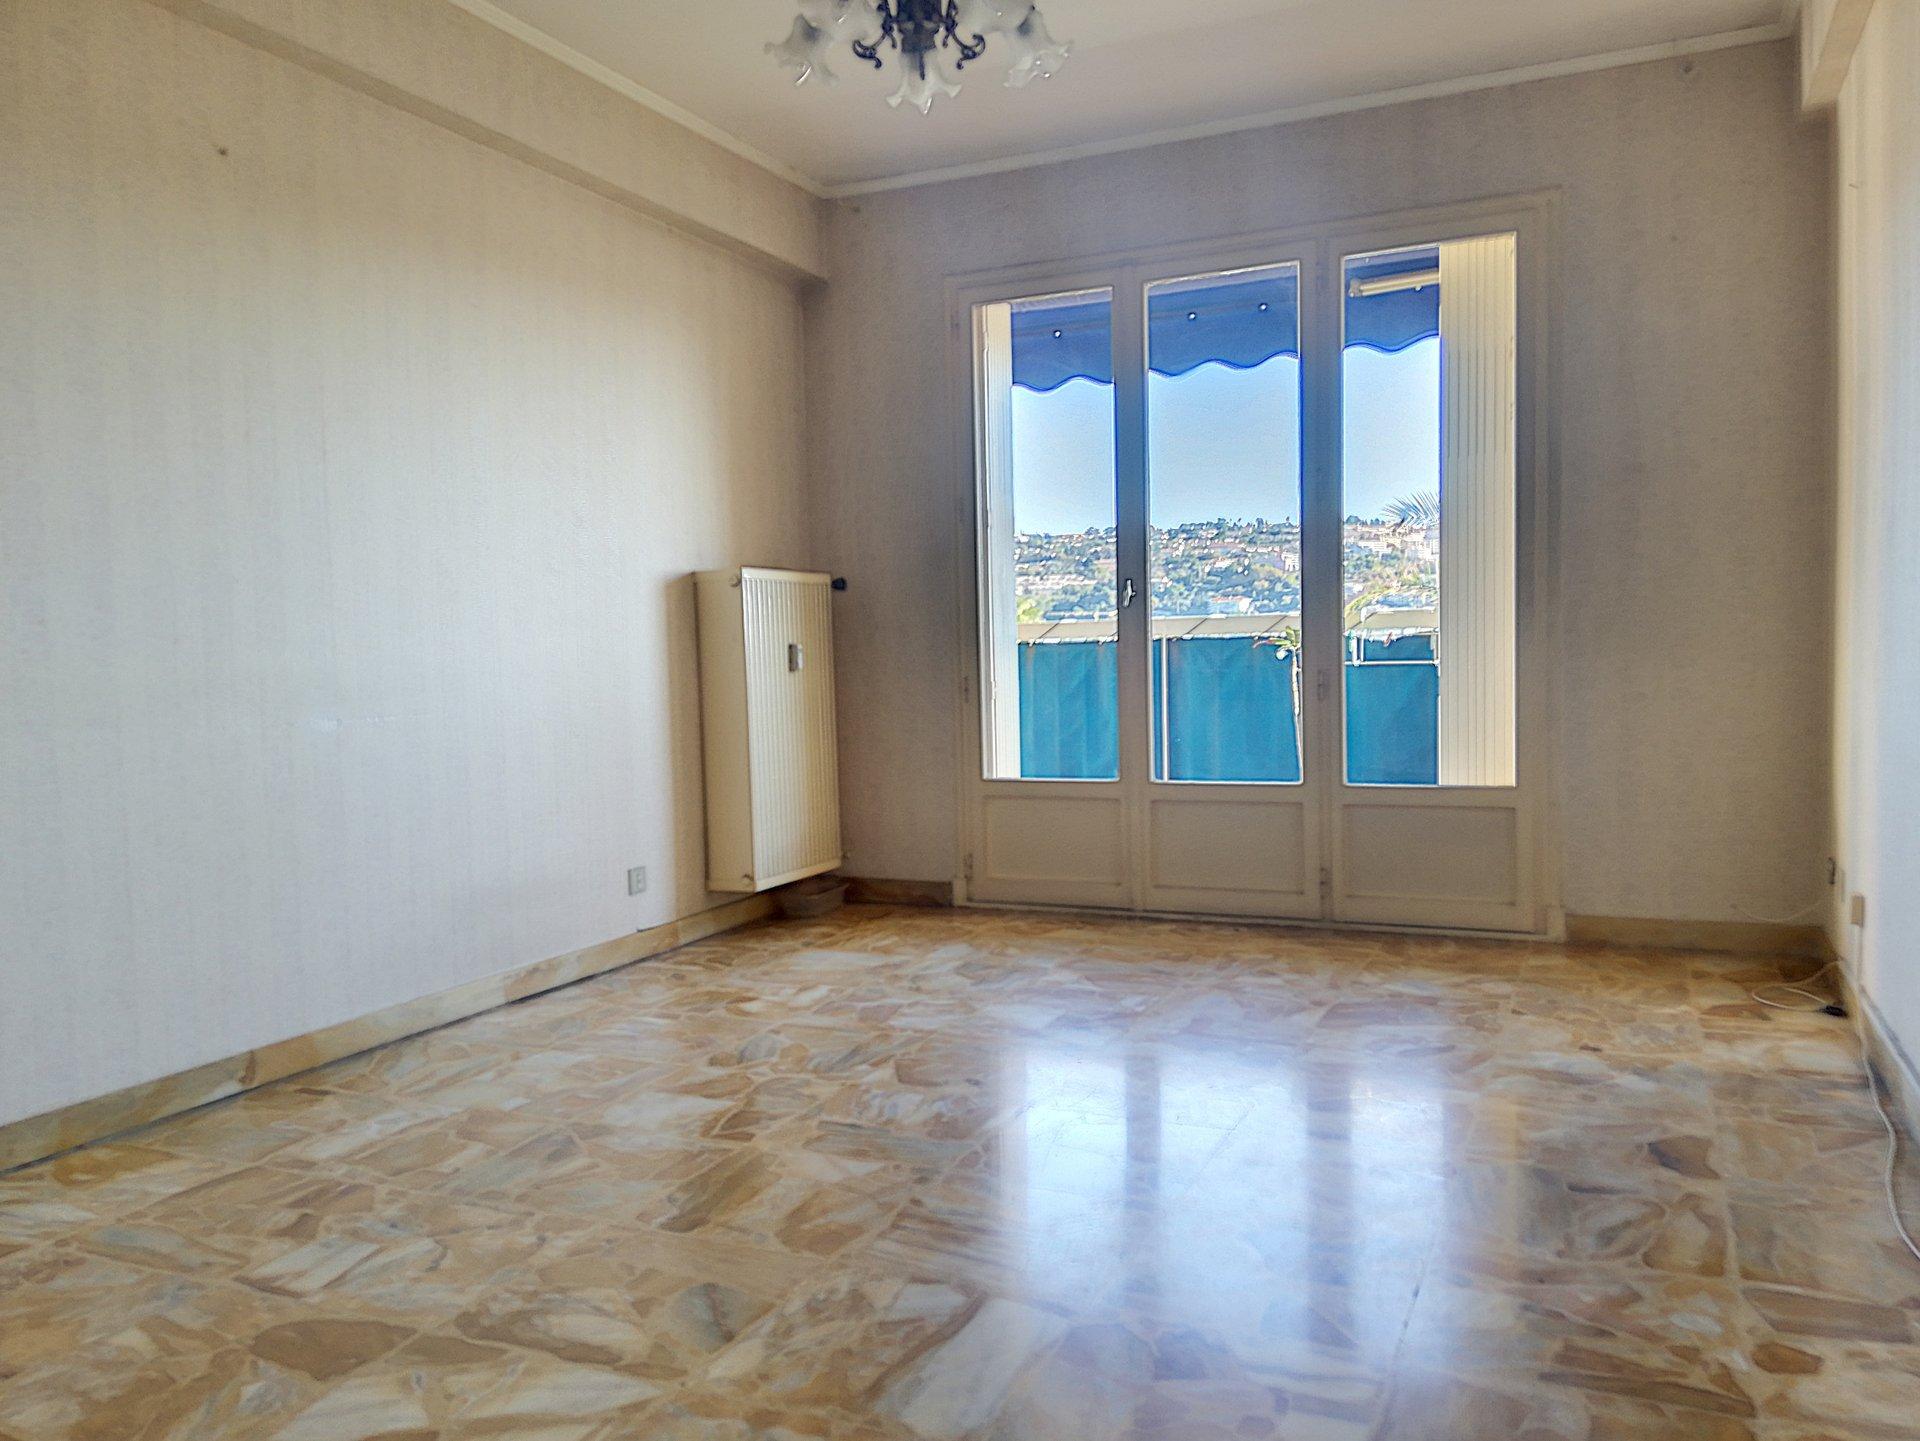 SAINT-LAURENT DU VAR (06700) - Saint-Joseph - Appartement 3 pièces - Terrasse - Cave et Garage